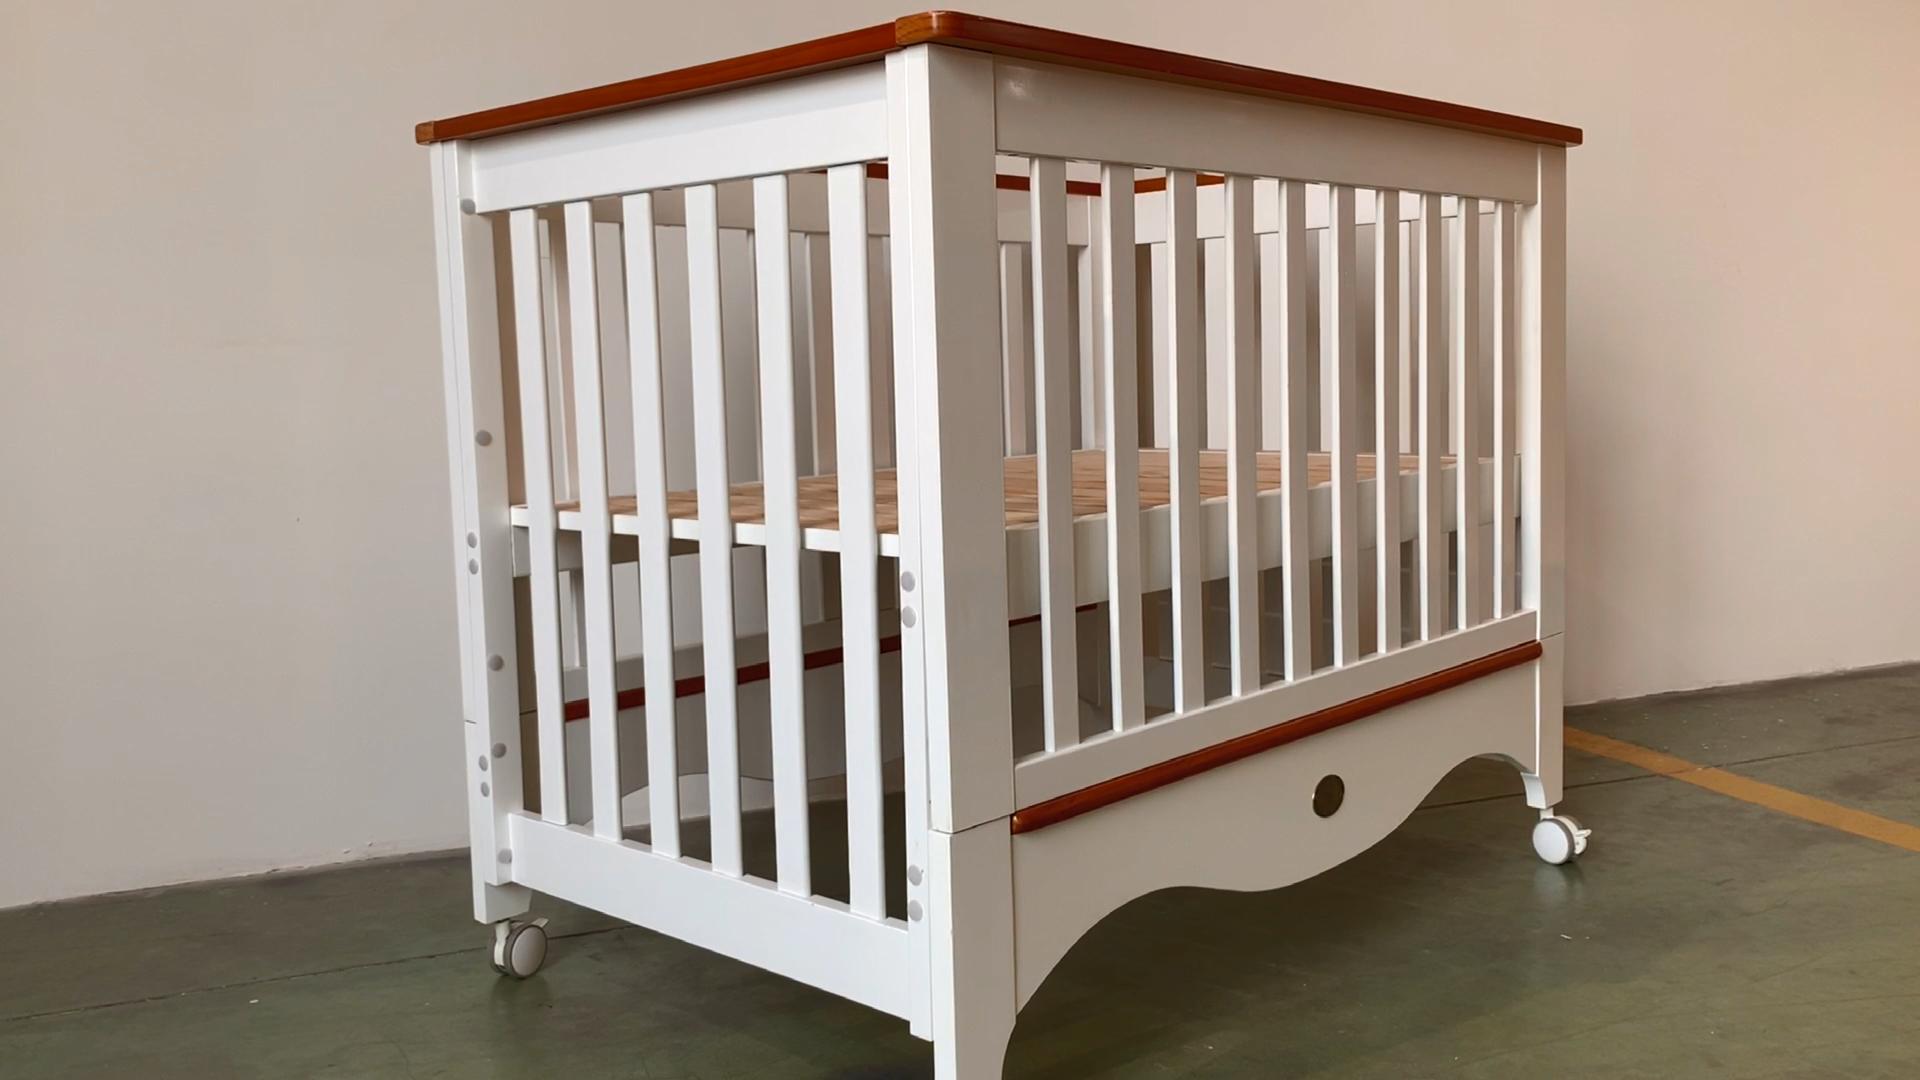 Yeni tip çok fonksiyonlu yeni zelanda çam ahşap bebek beşiği/bebek beşik/bebek yatağı için yeniden doğmuş bebek